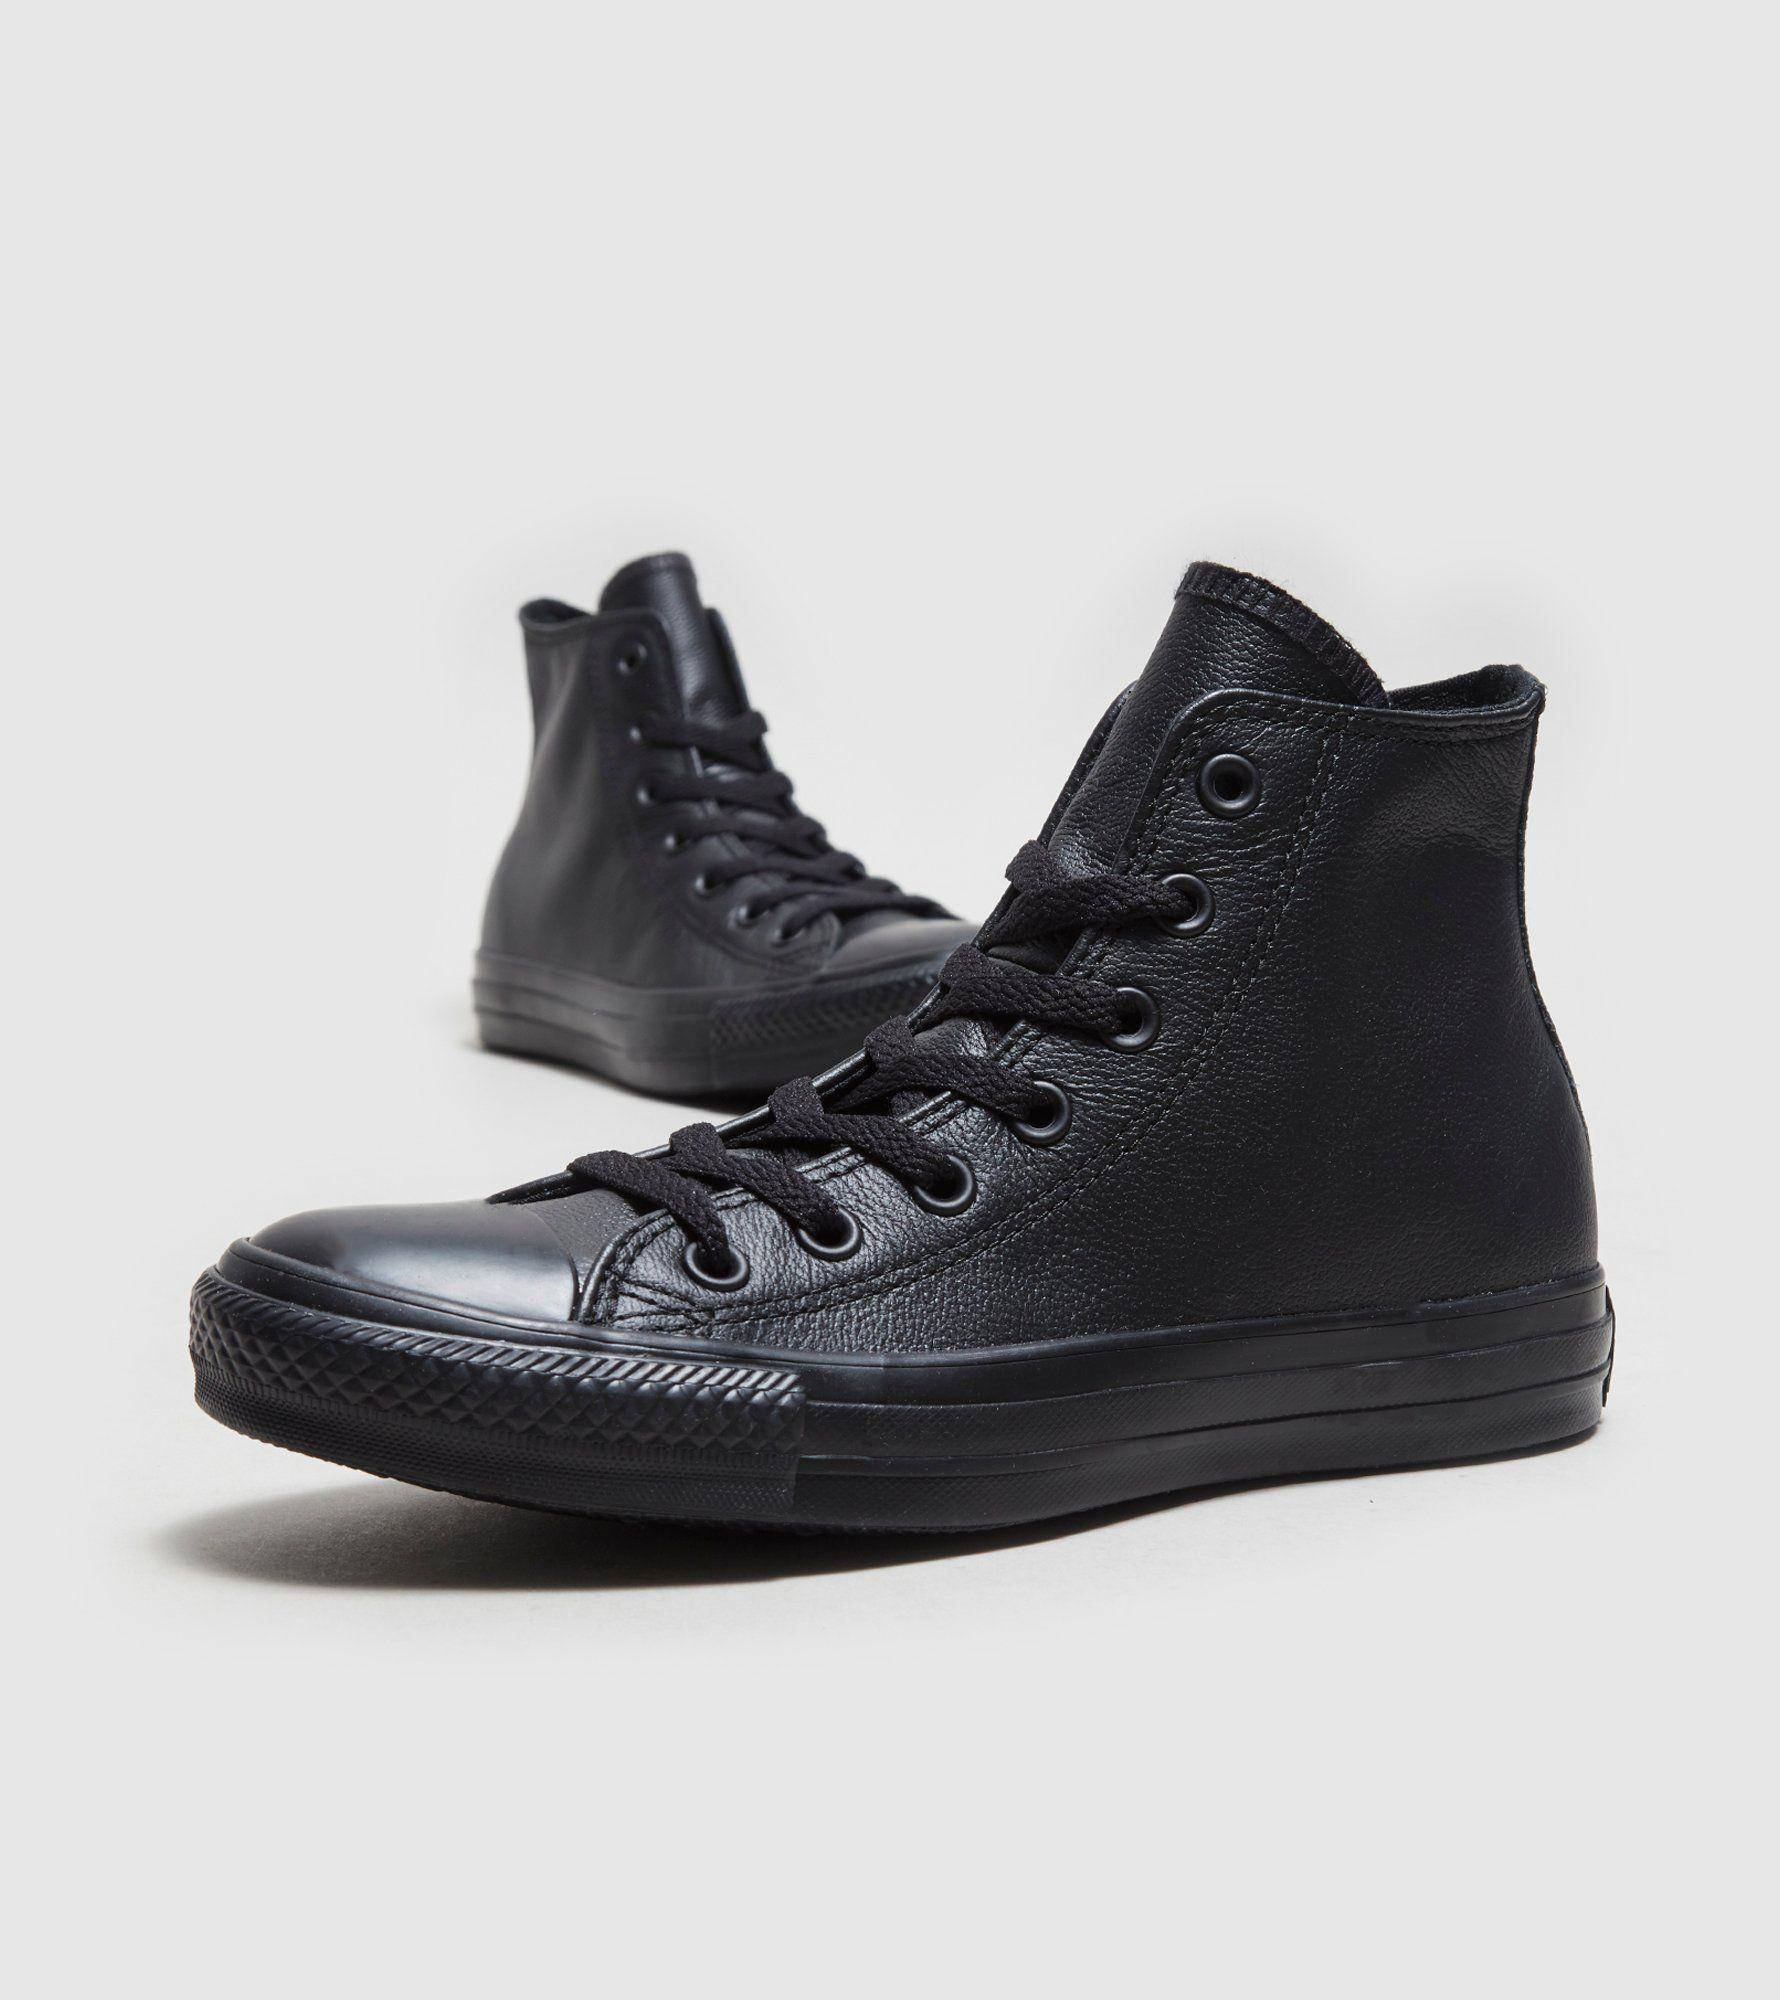 Converse All Star Hi Leather Mono